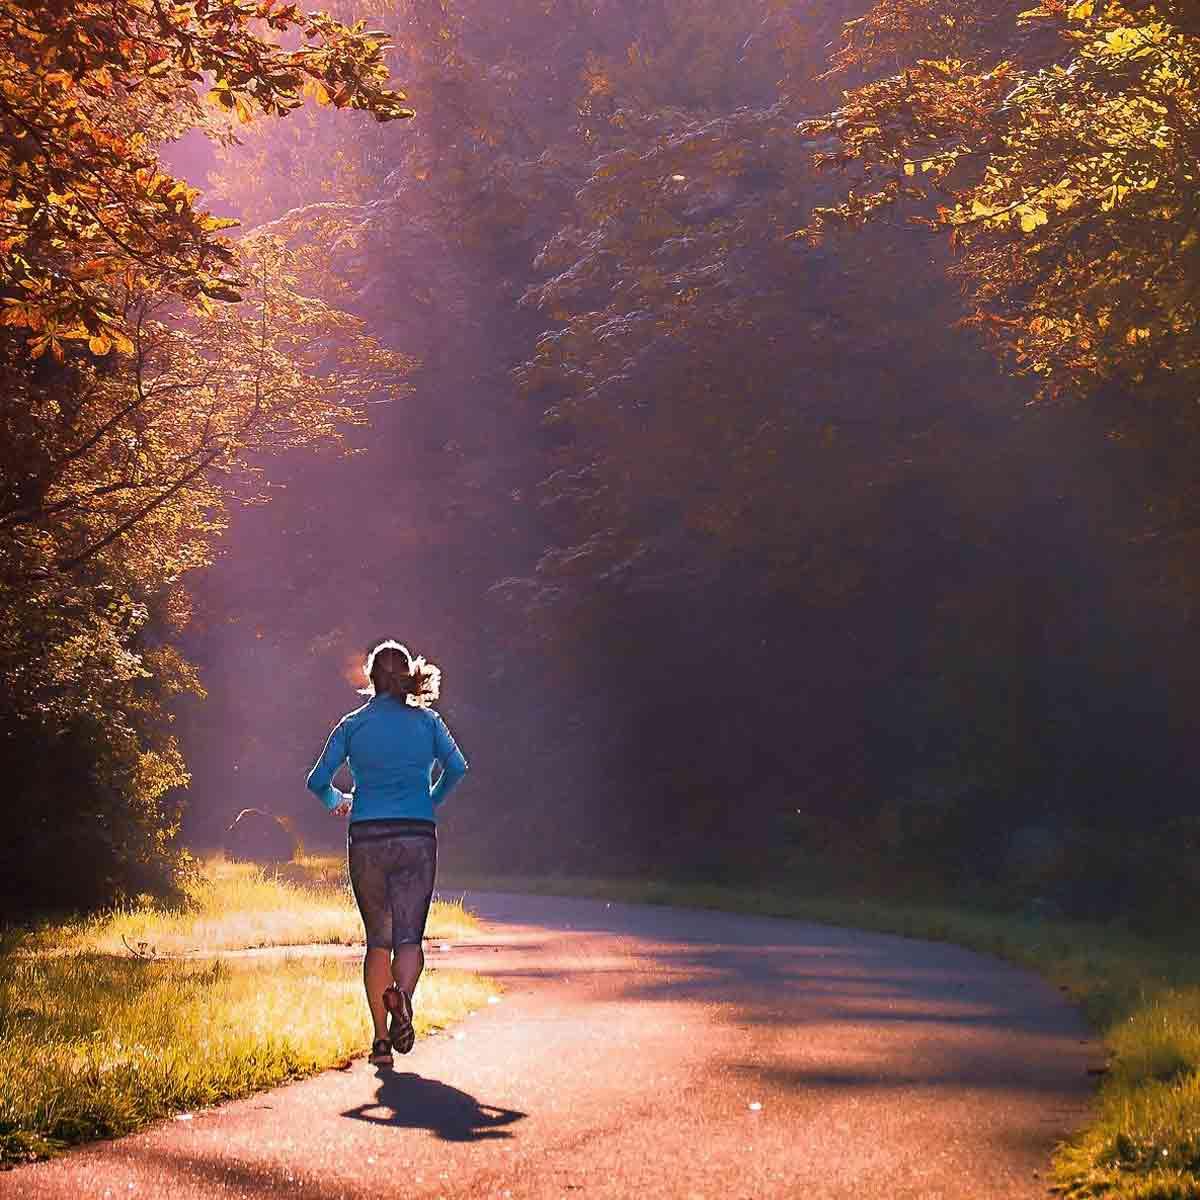 Is hardlopen iets voor mij?